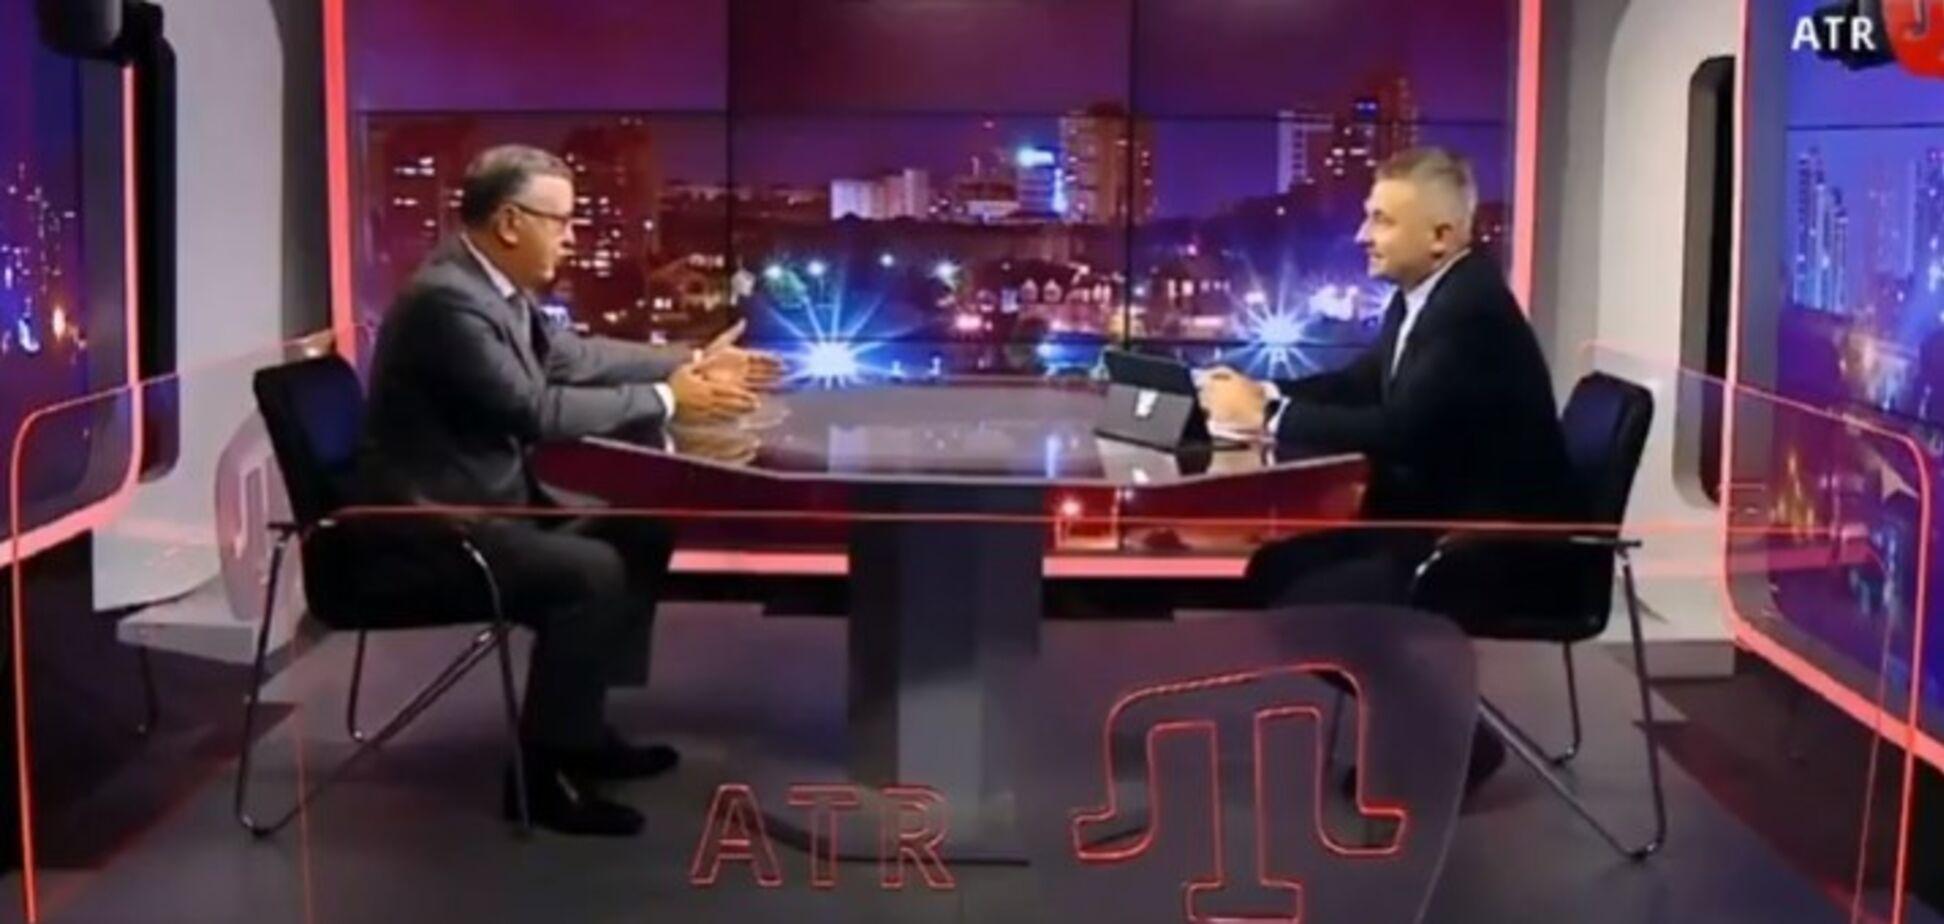 Гриценко рассказал, как воздействовать на Путина